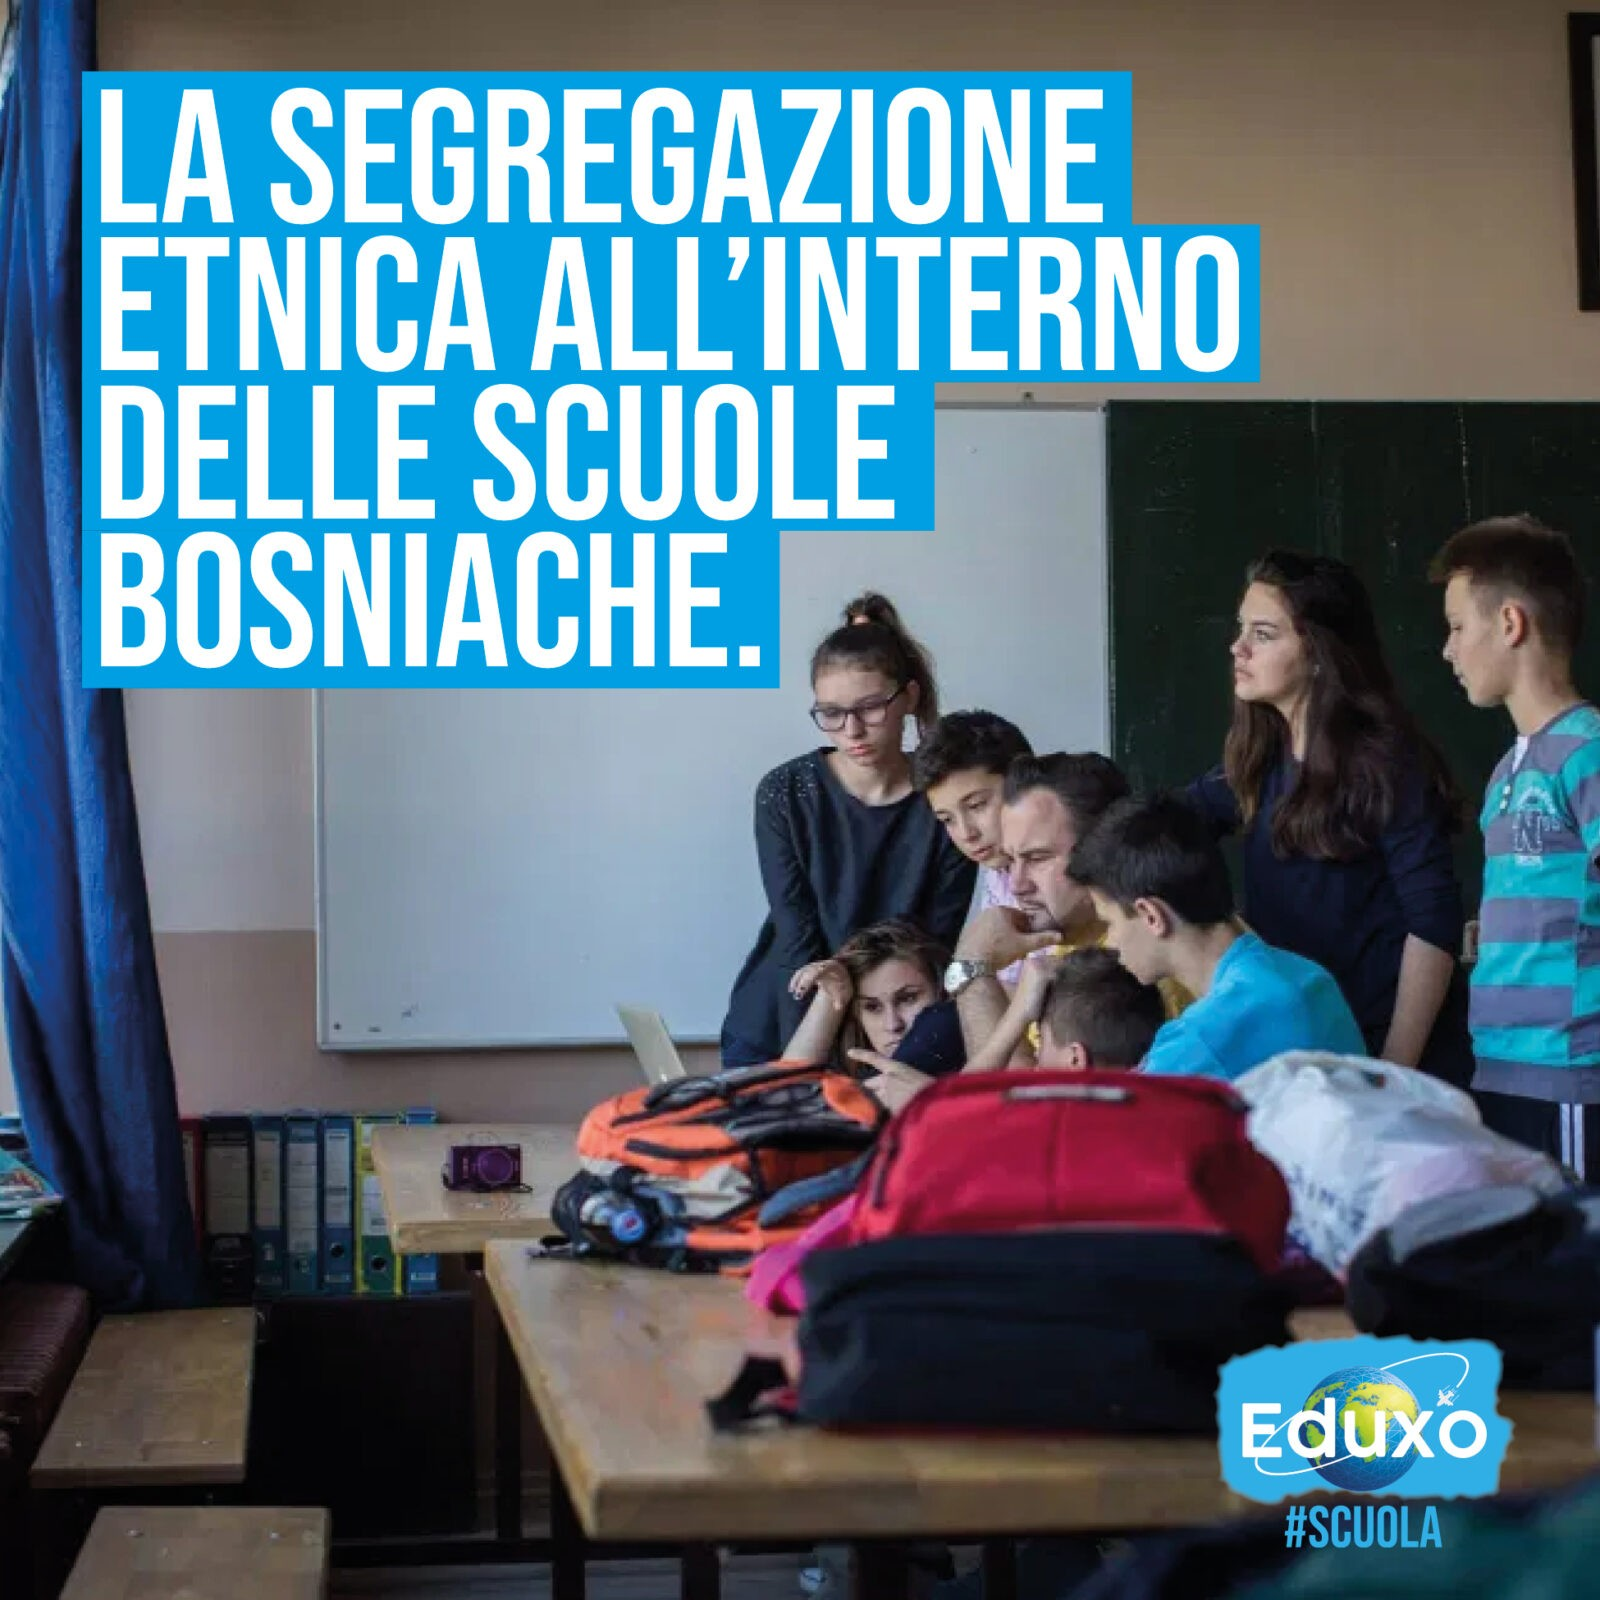 Segregazione etnica all'interno delle scuole bosniache